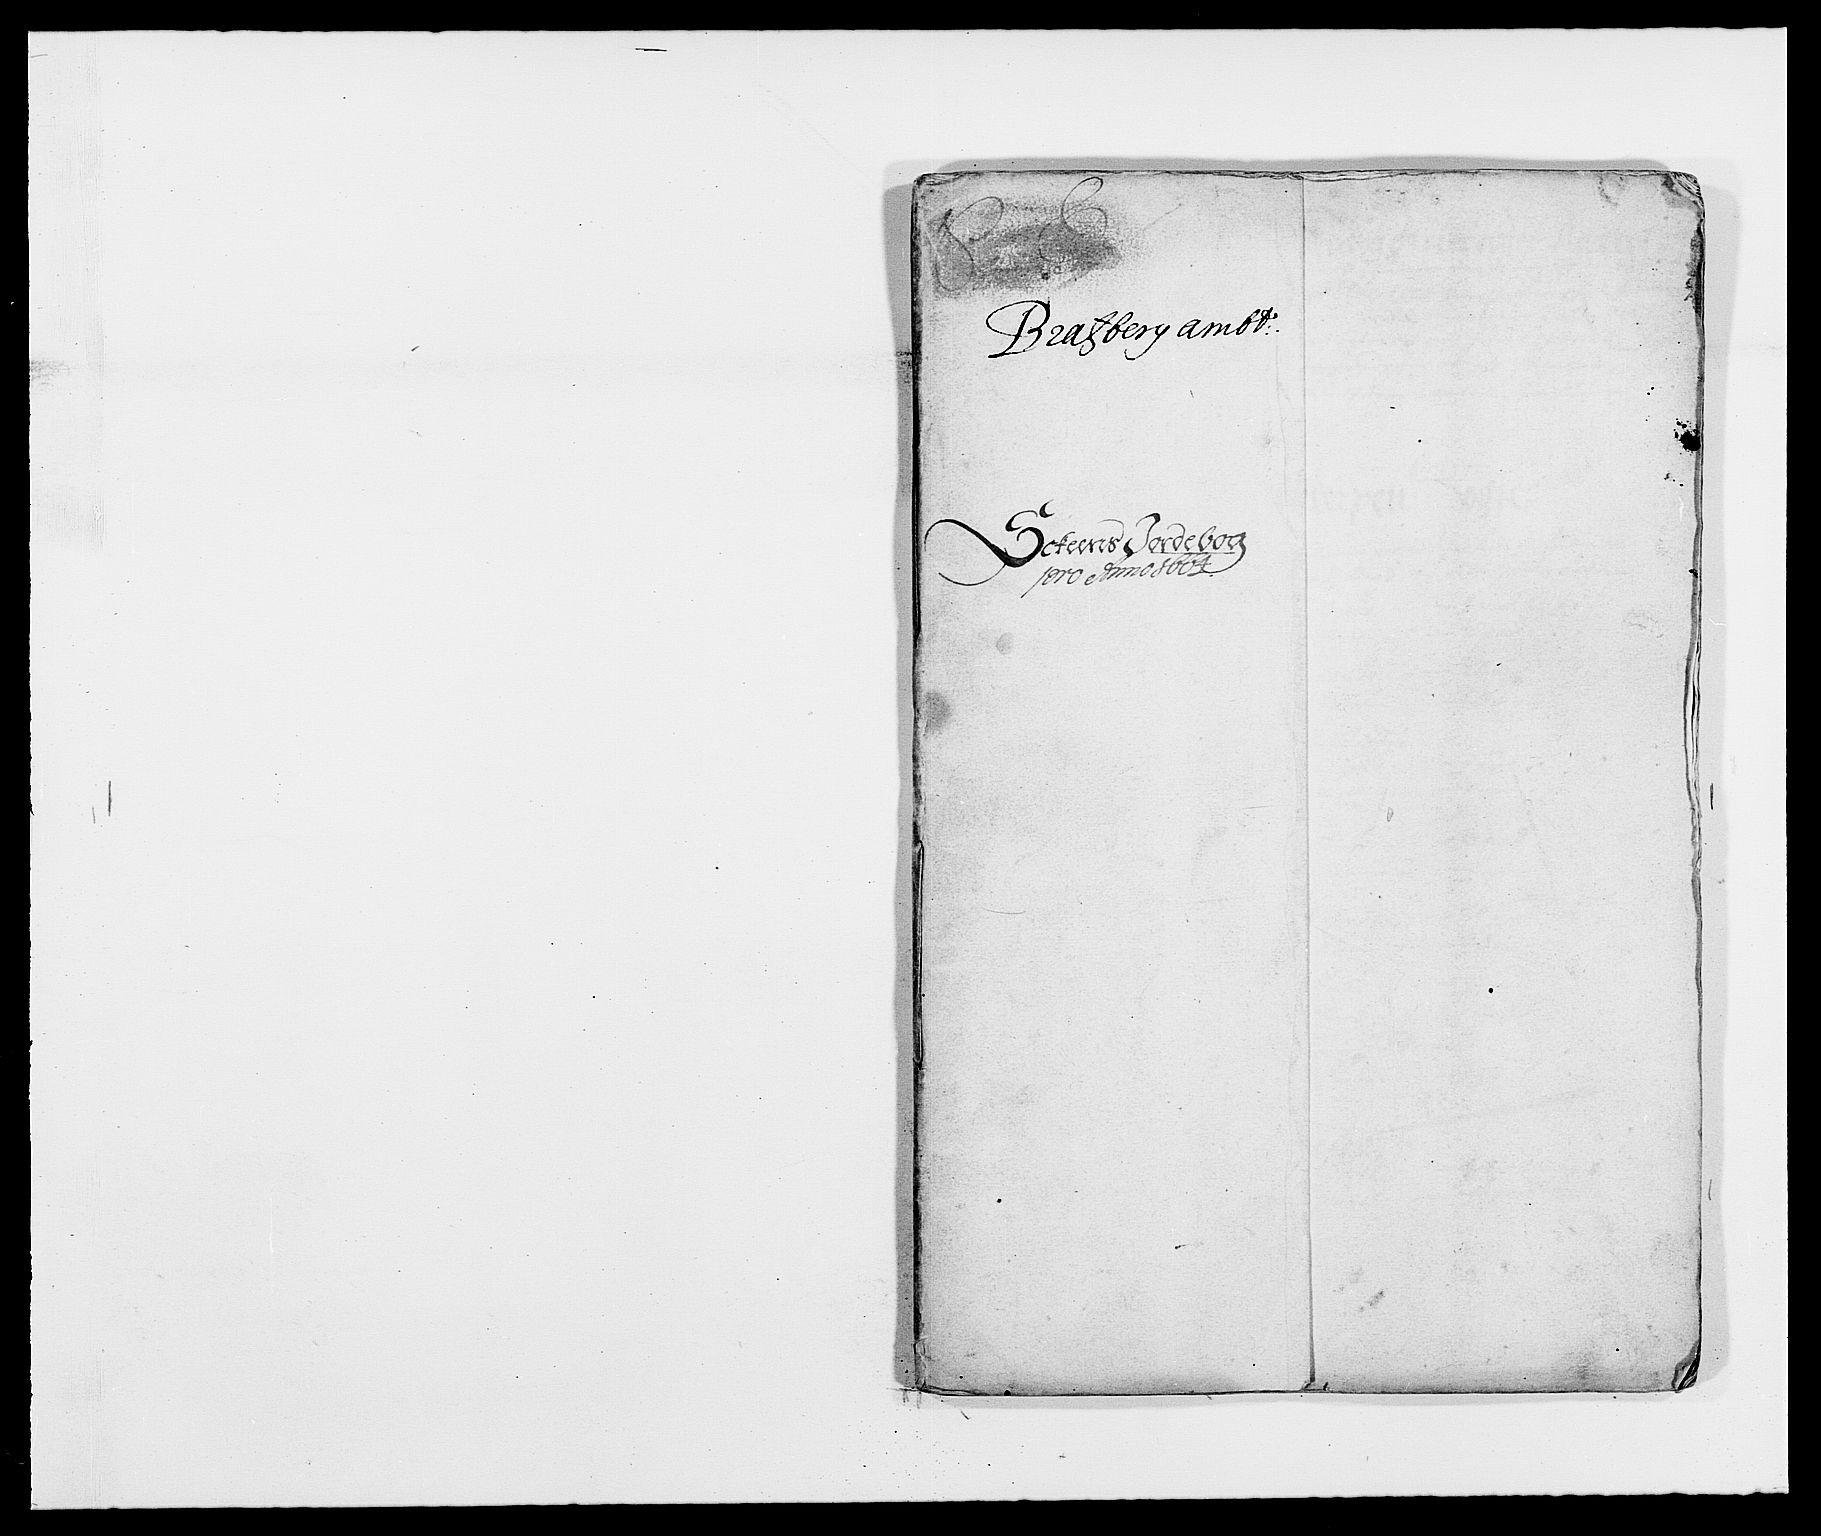 RA, Rentekammeret inntil 1814, Reviderte regnskaper, Fogderegnskap, R34/L2038: Fogderegnskap Bamble, 1662-1669, s. 147